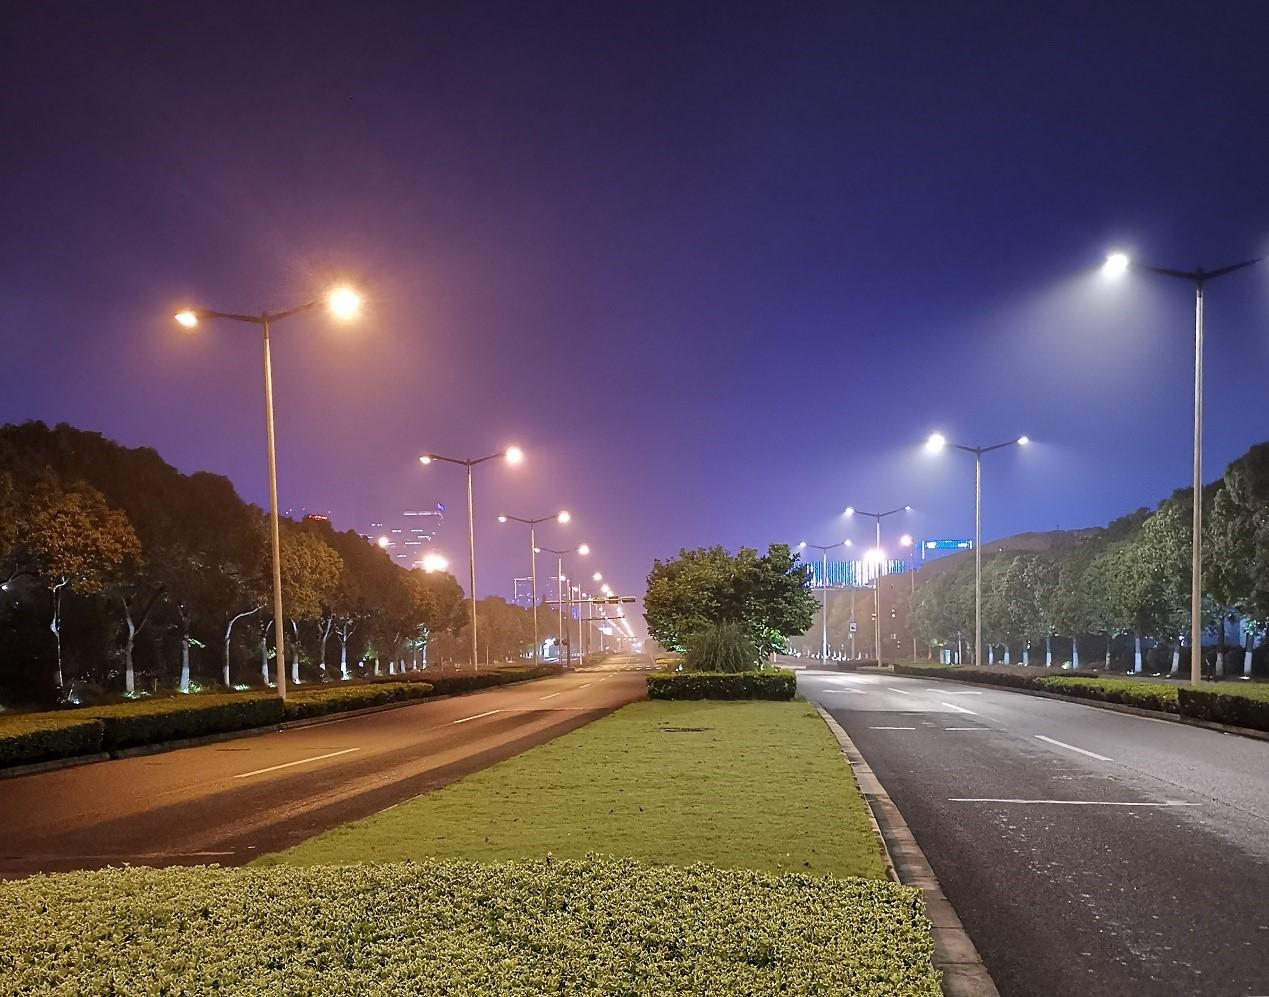 中国物联网与绿色智慧城市发展论坛召开 欧普照明点亮智慧道路之光